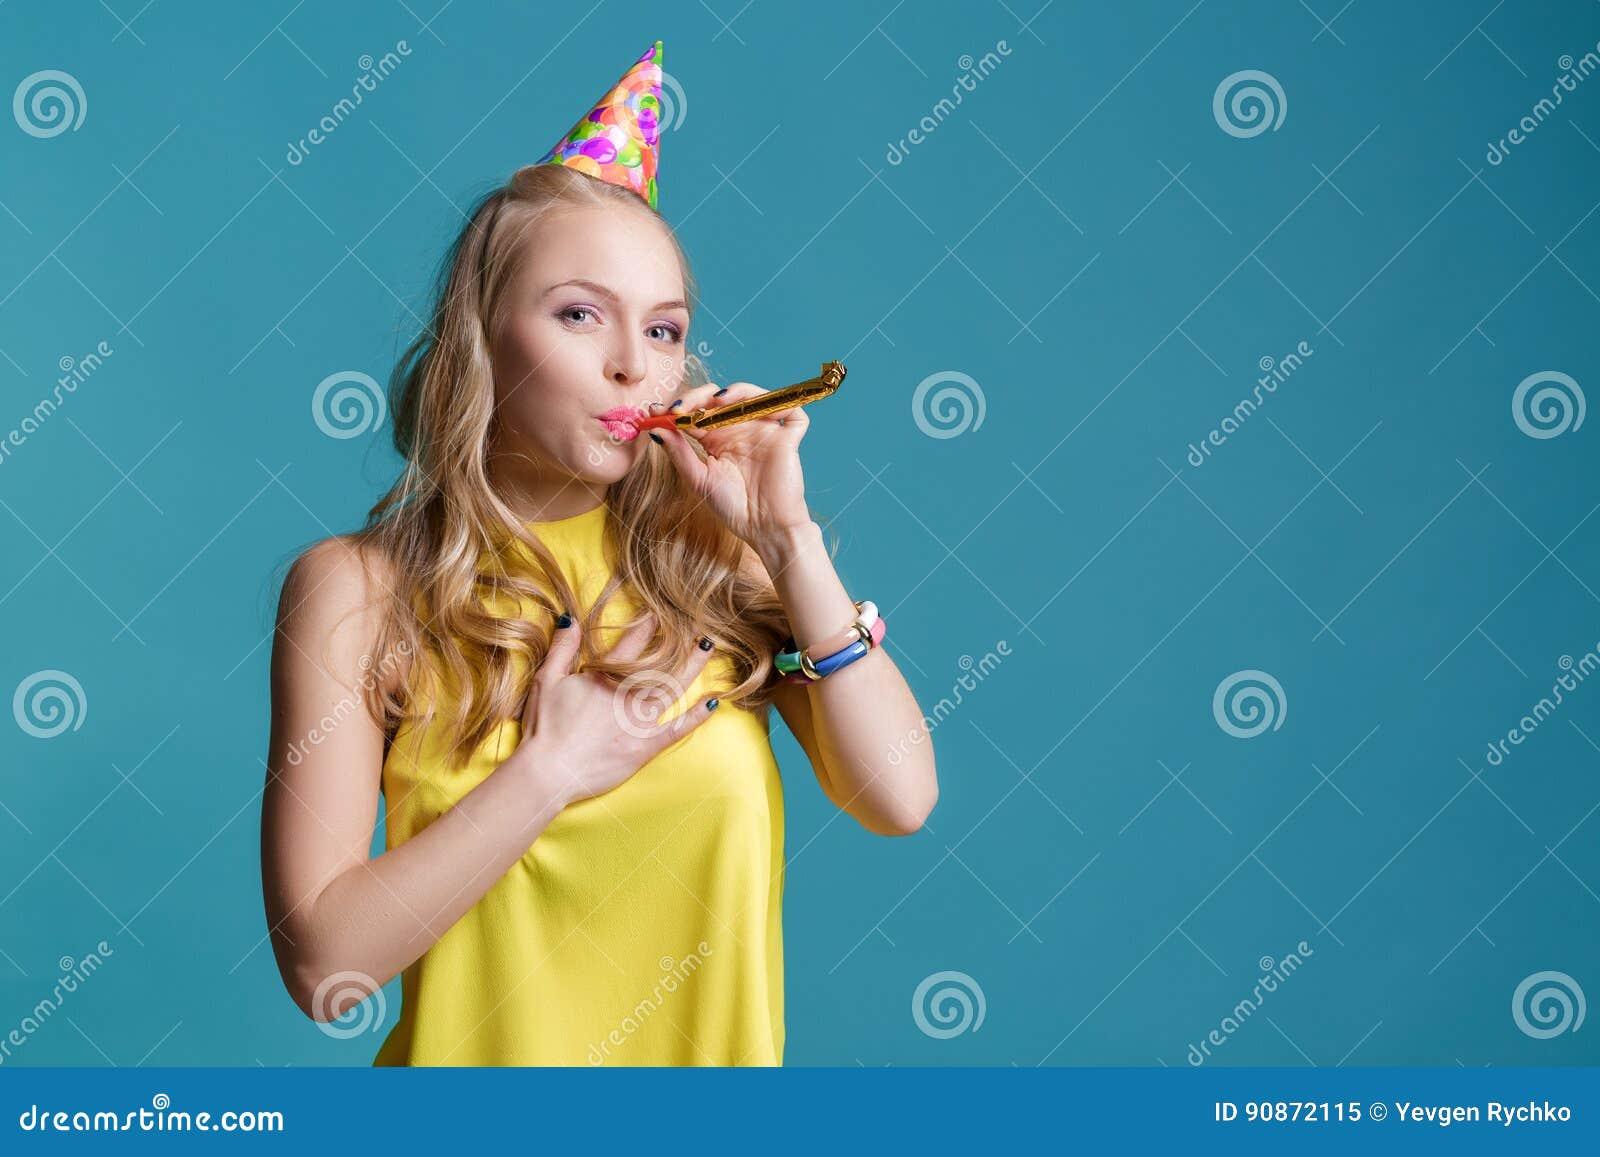 Geel Overhemd.Portret Van Grappige Blonde Vrouw In Verjaardagshoed En Geel